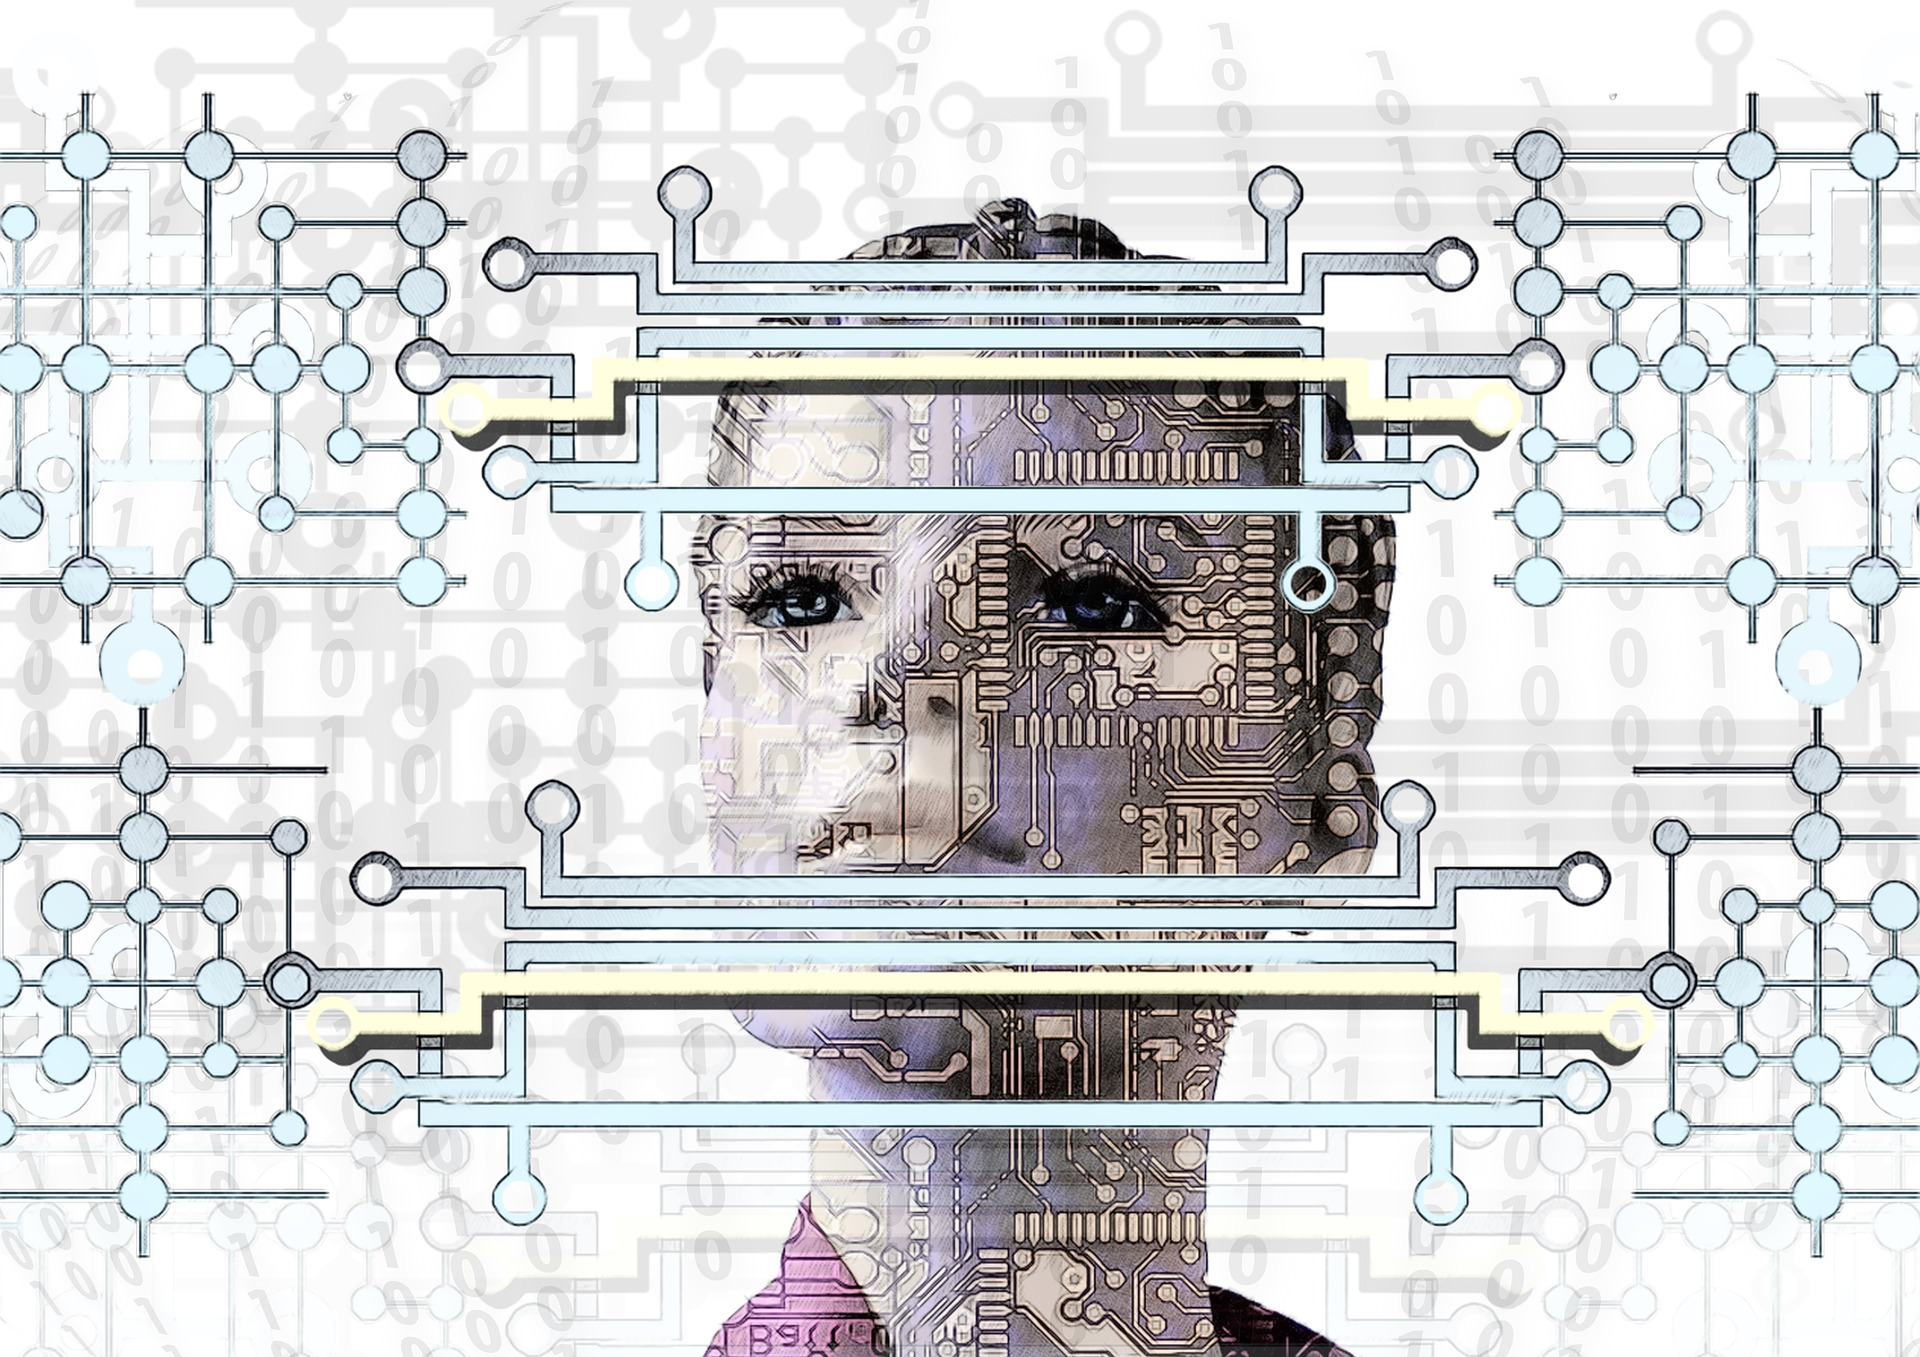 Deutsche erkennen die Vorteile künstlicher Intelligenz